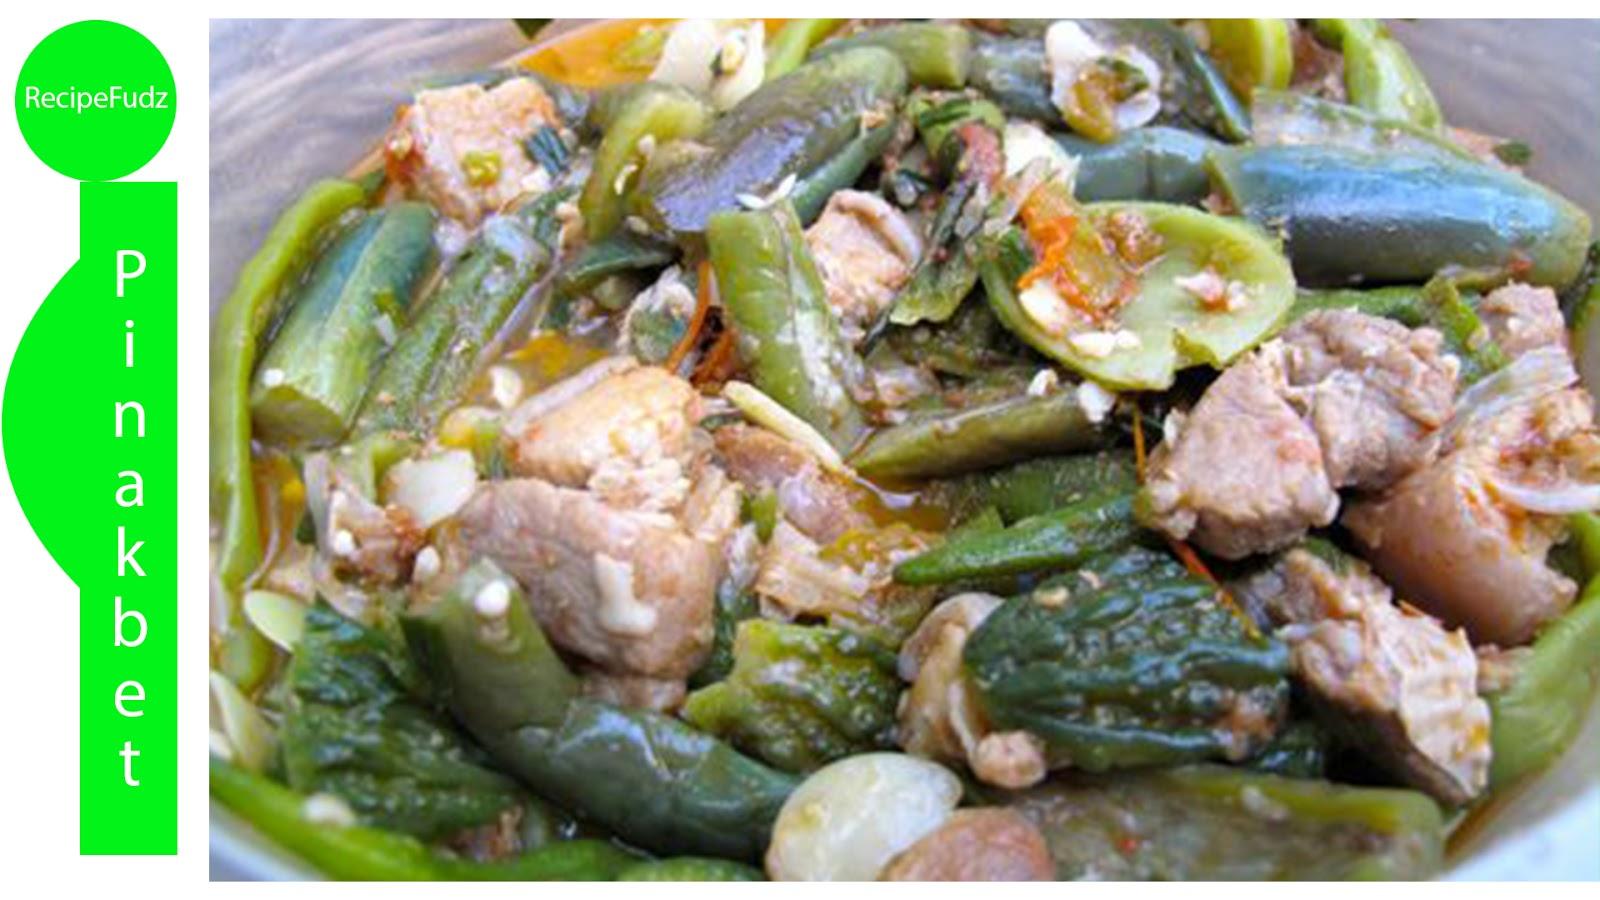 Recipefudz Pinakbet Ilocano Recipe